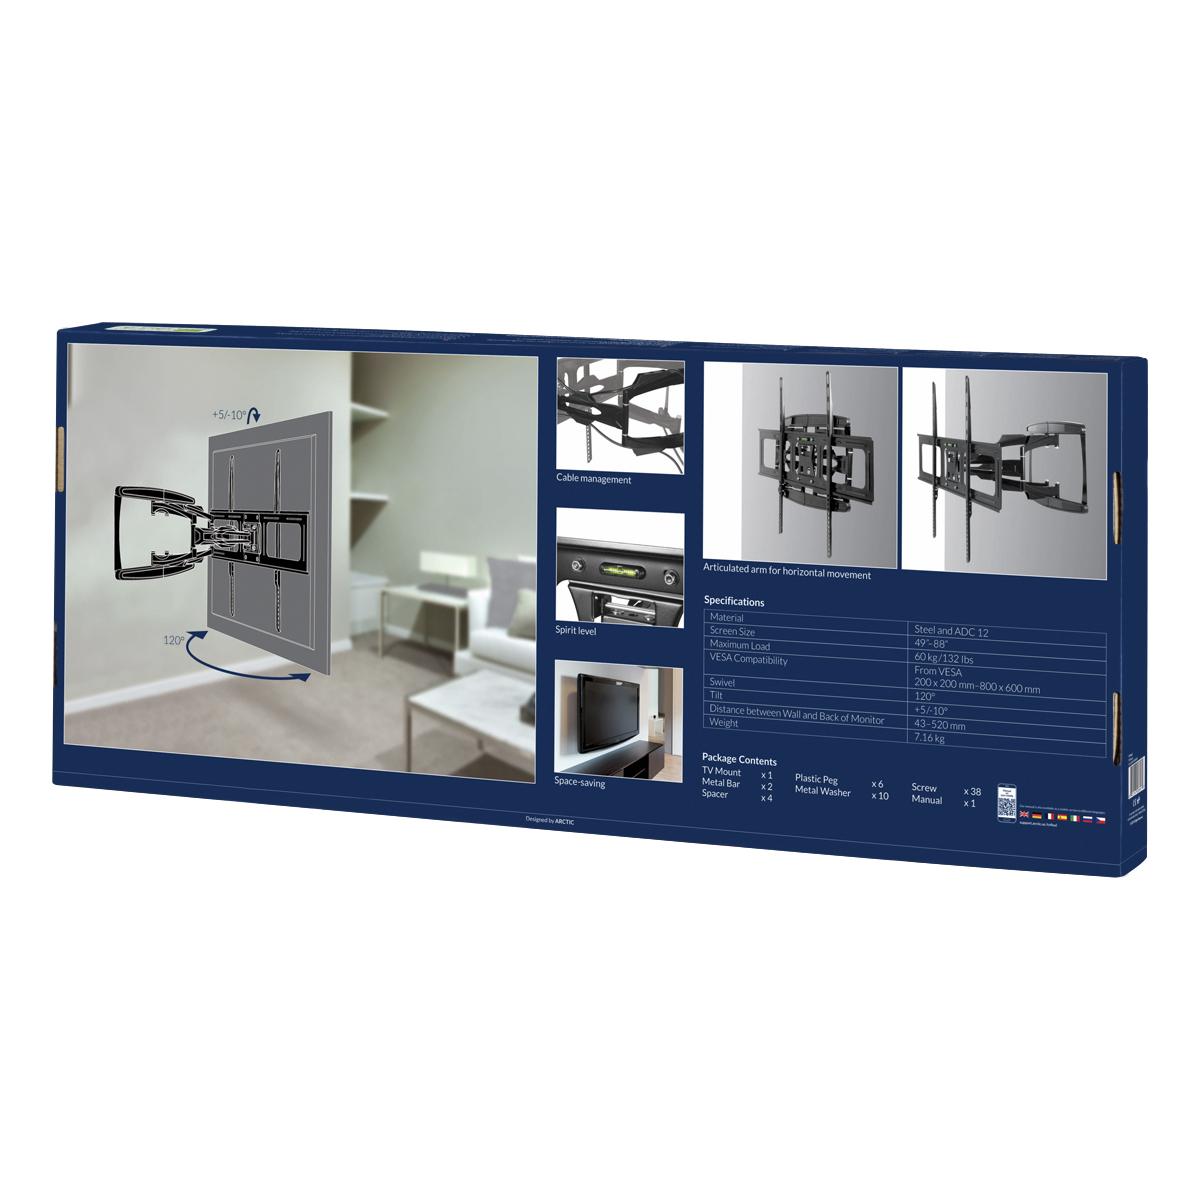 Vollbewegliche XL TV-Wandhalterung ARCTIC TV Flex L Produktverpackung Rückansicht